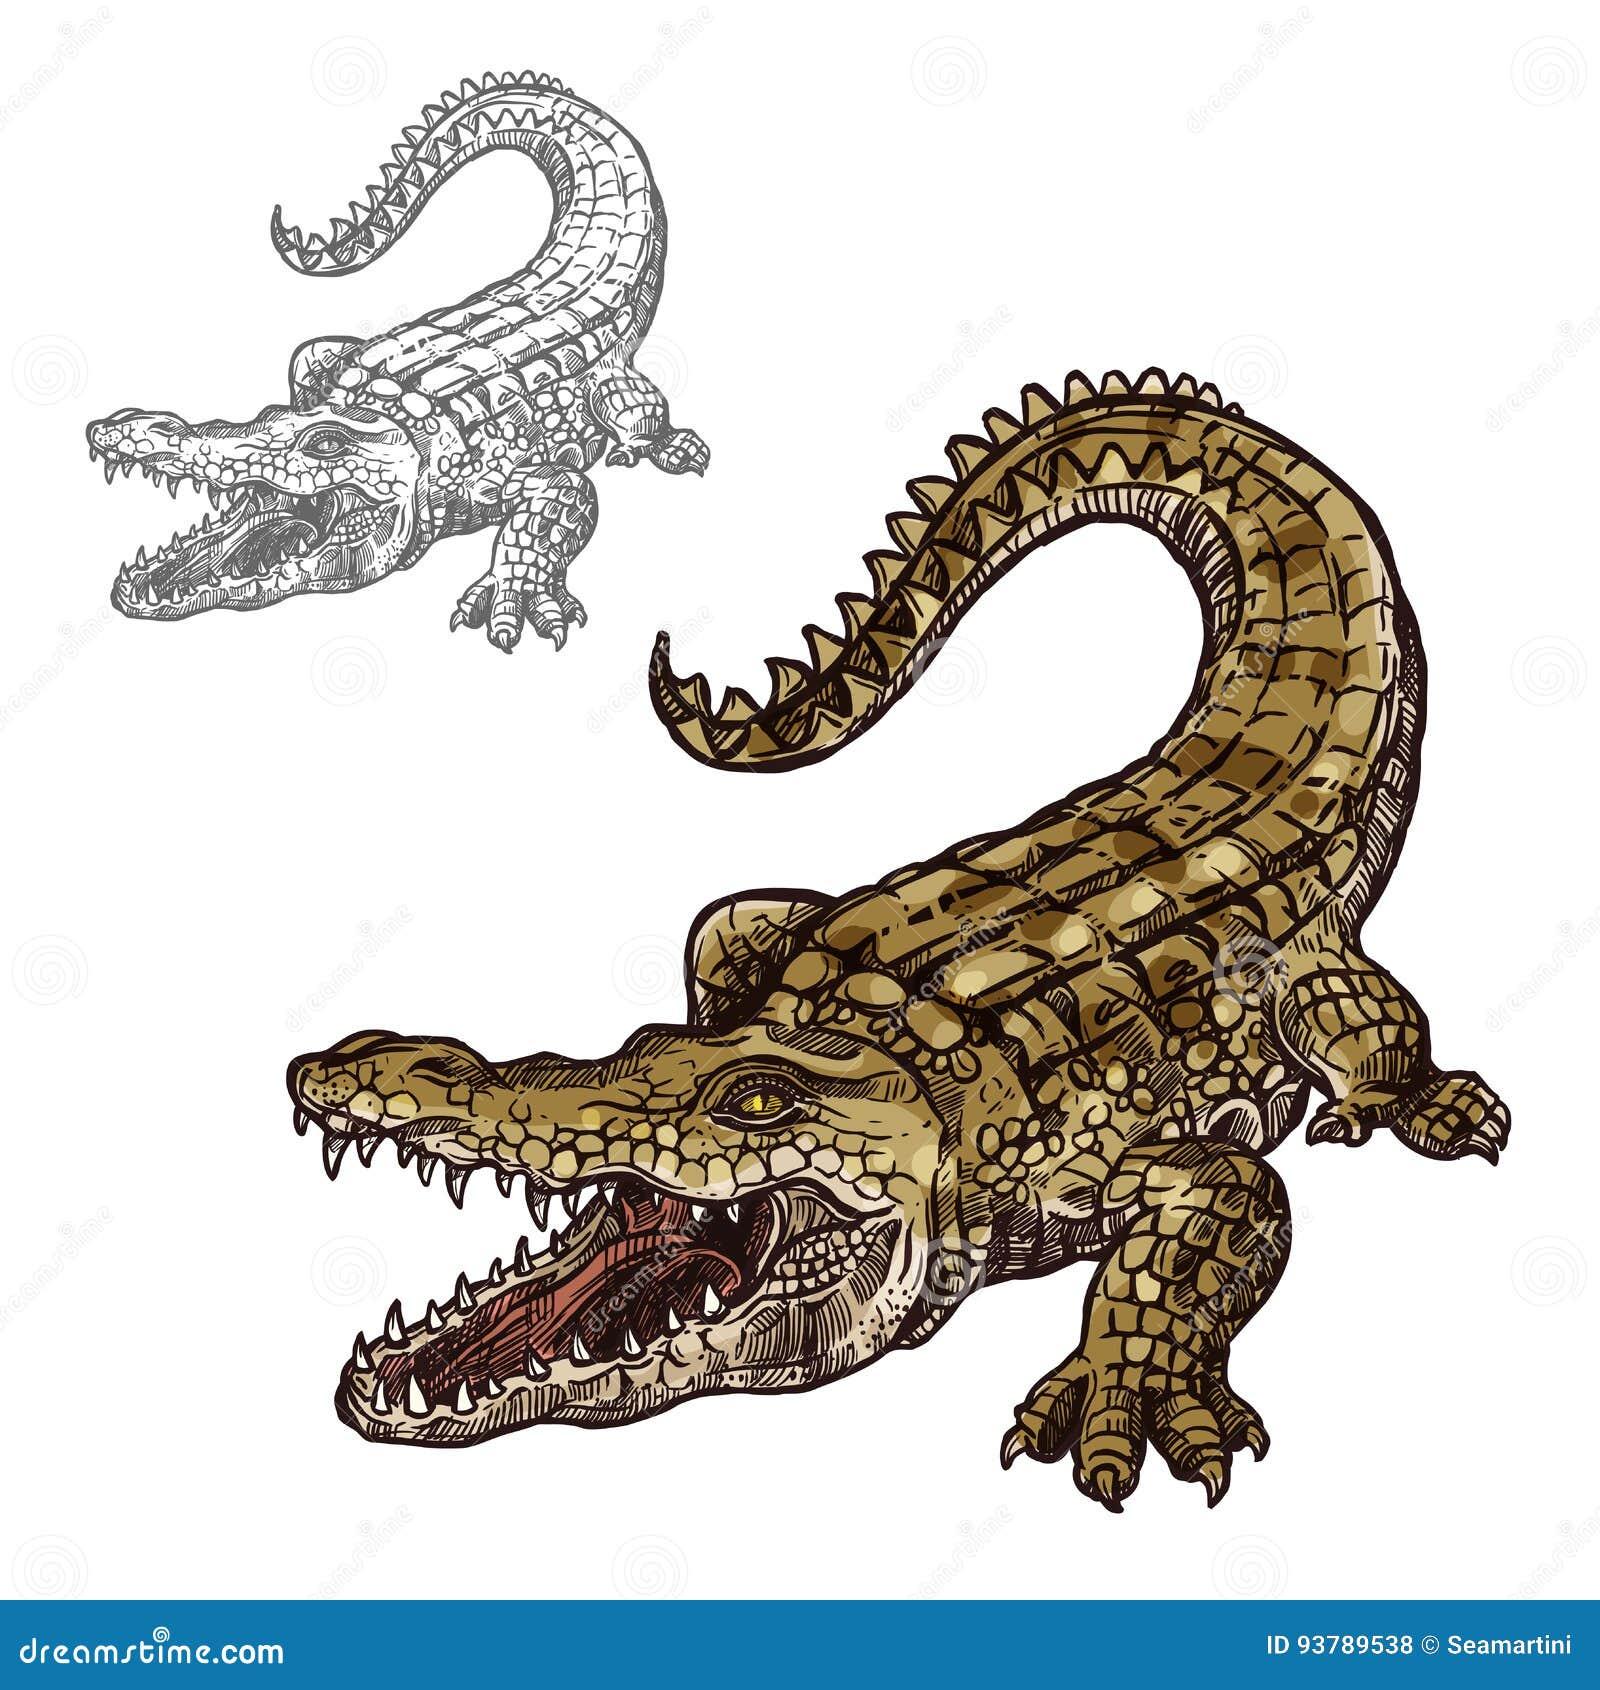 beb47c1b6c5bf Alligator Icon Stock Illustrations – 1